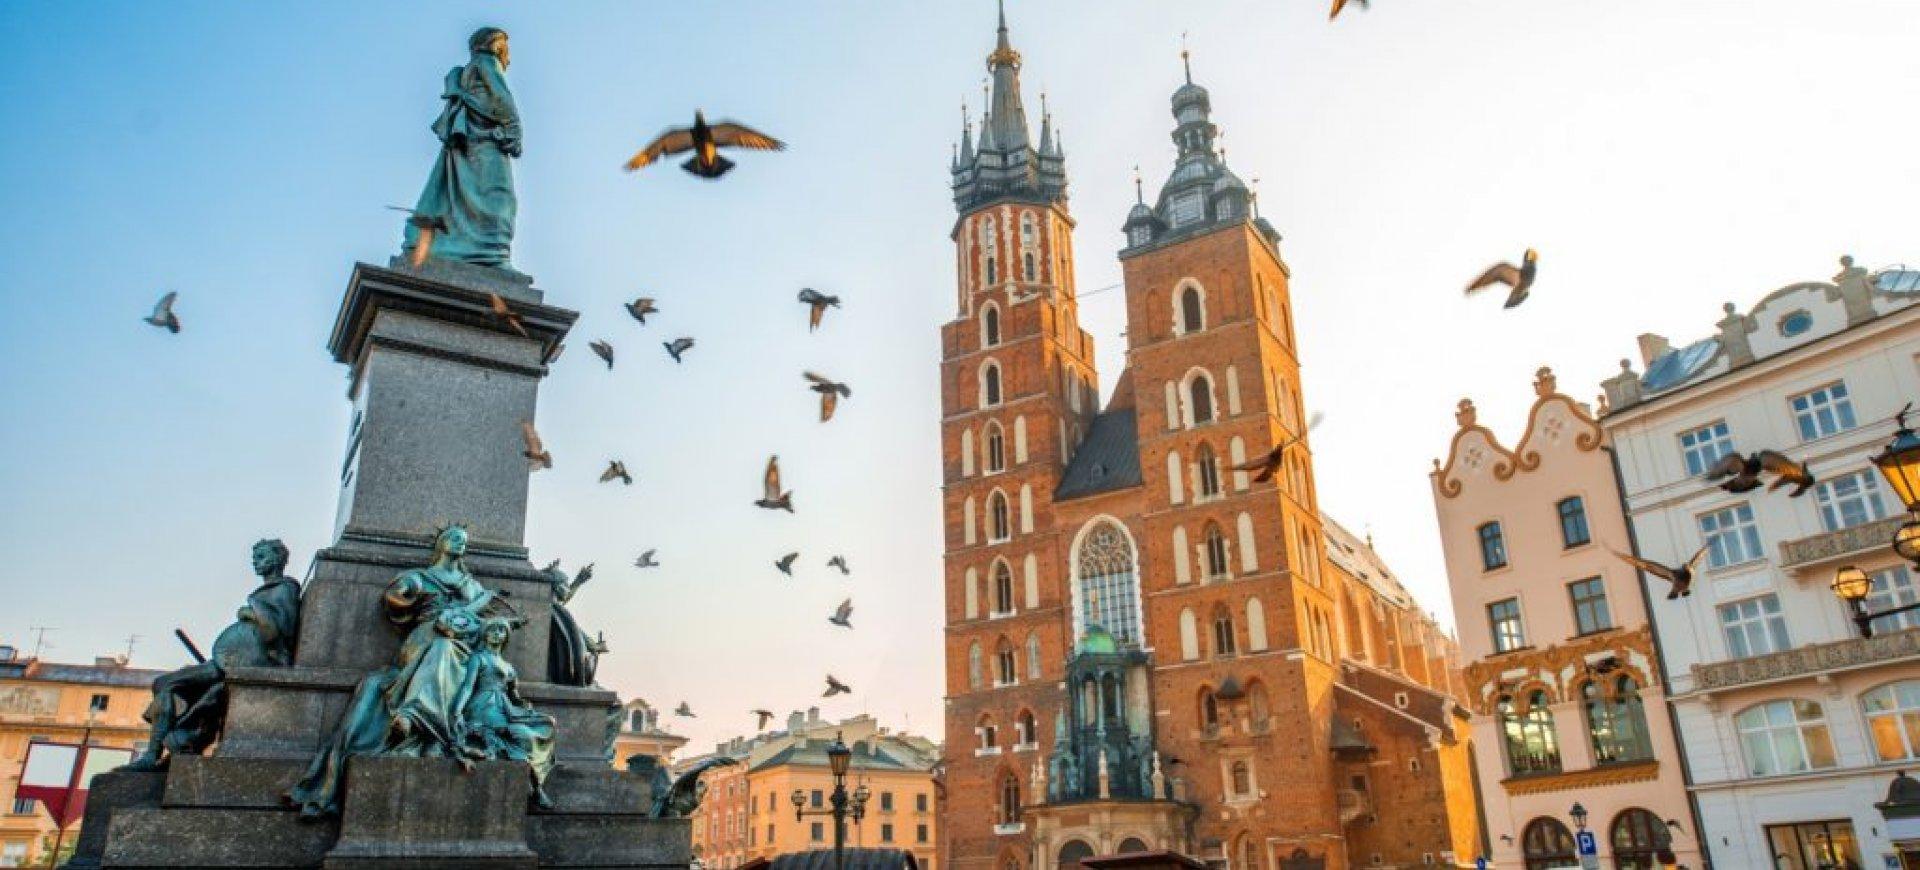 Wakacje w pakiecie 7- dniowym Kraków - Zawoja